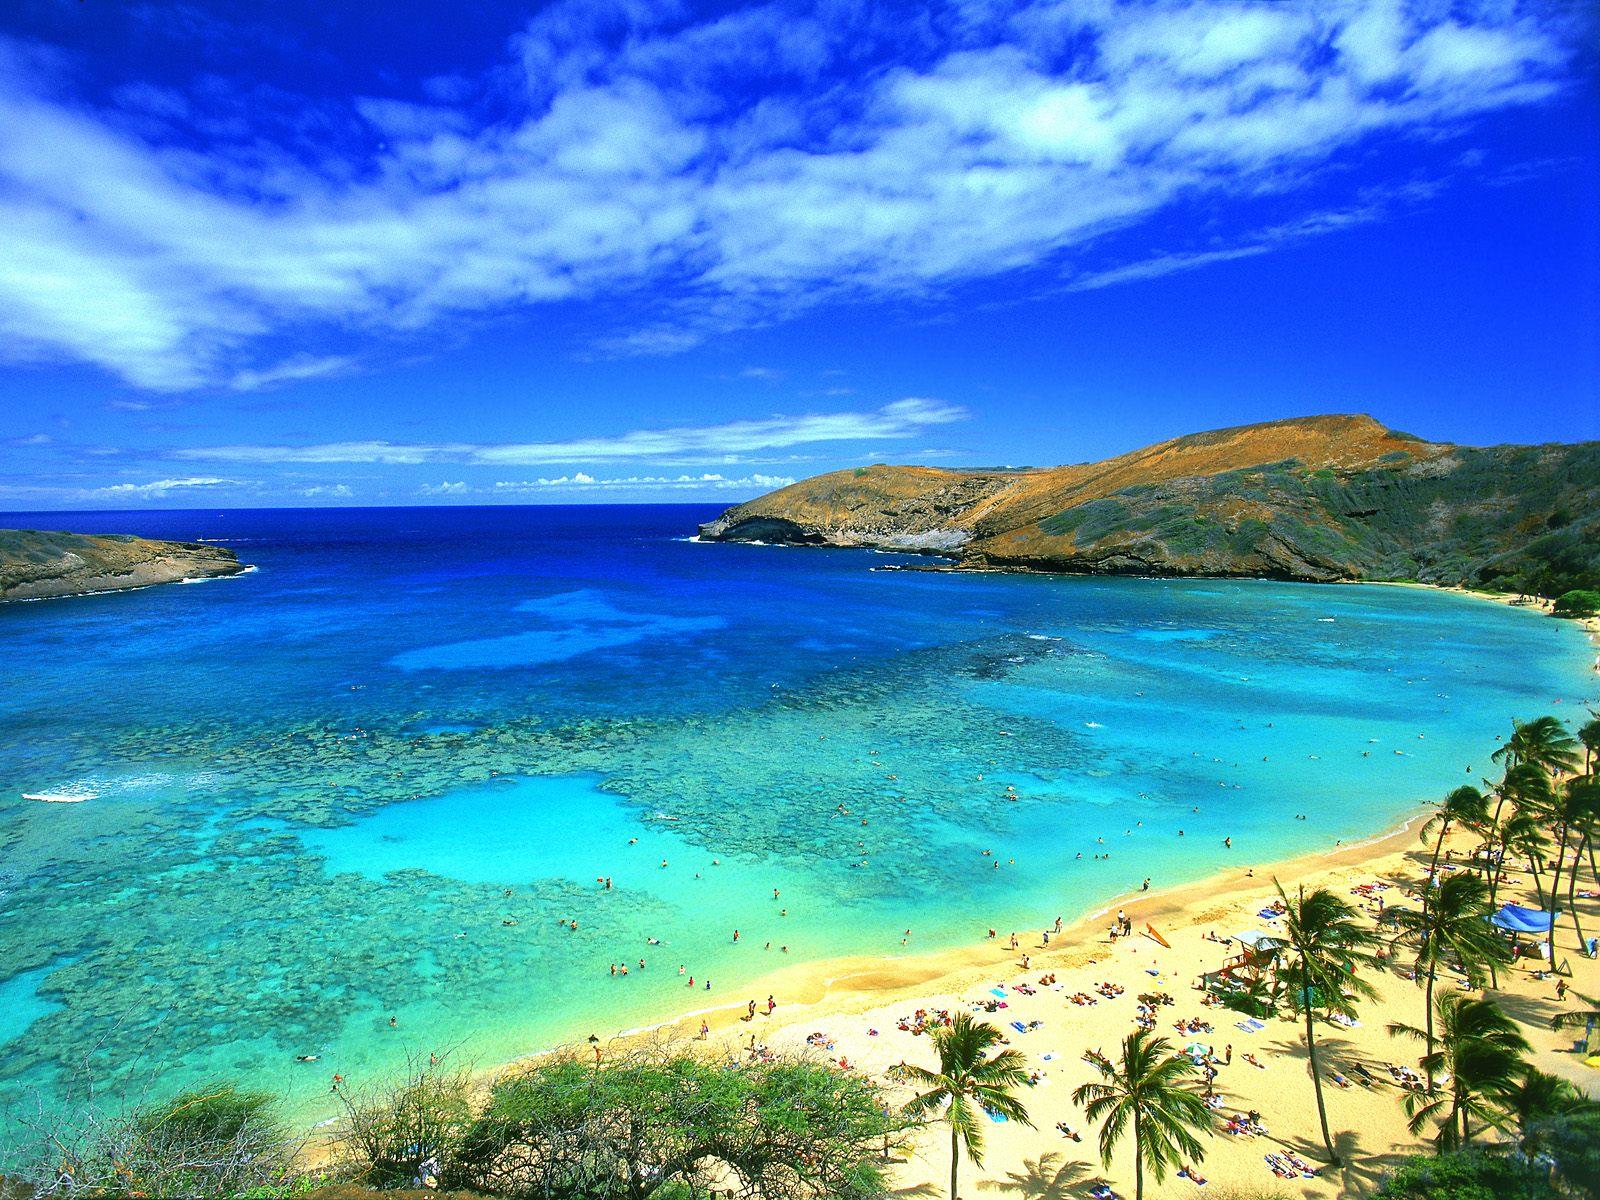 http://2.bp.blogspot.com/-MNqaYoS9Slo/Td1TDVAI40I/AAAAAAAAAC8/ba_mIThHNMs/s1600/Hanauma+Bay%252C+Oahu%252C+Hawaii.jpg